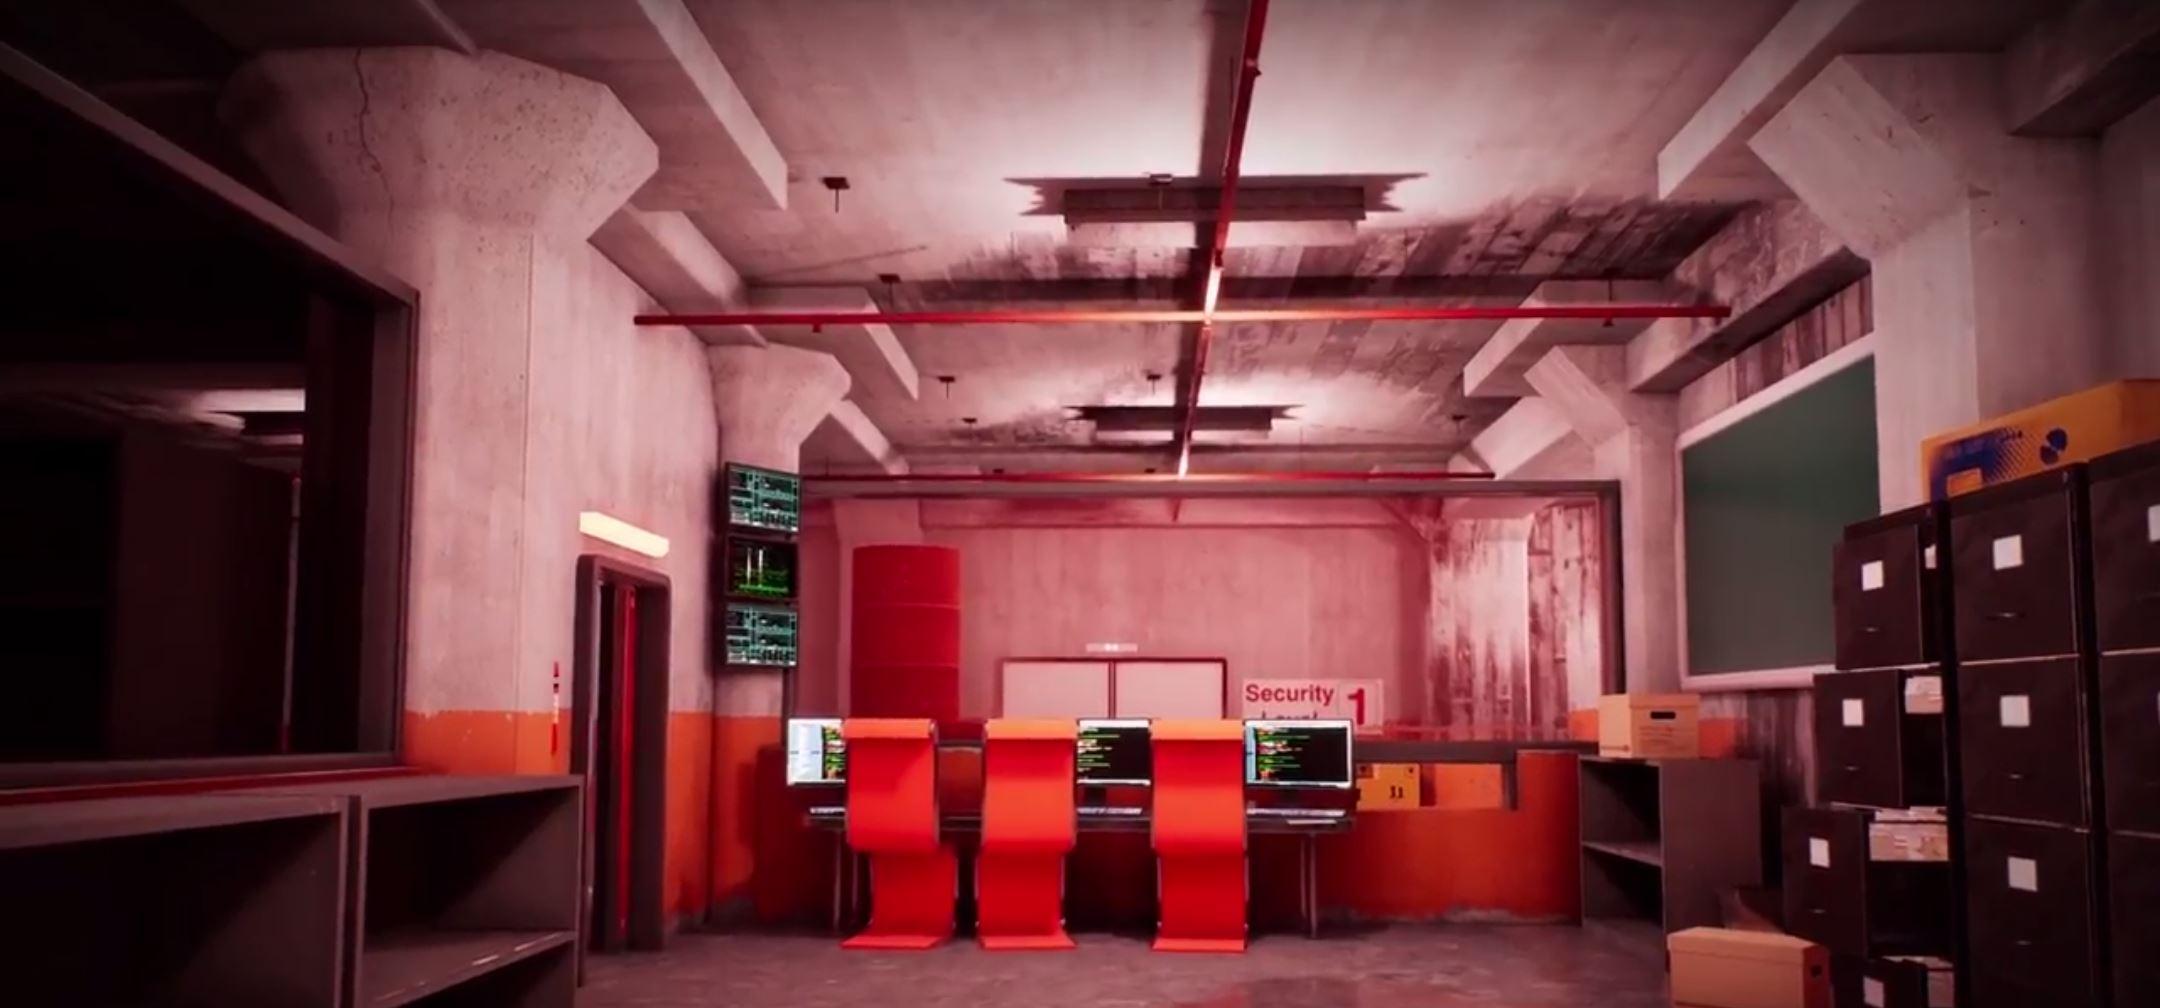 Espire 1 VR Operative Demo Pitch